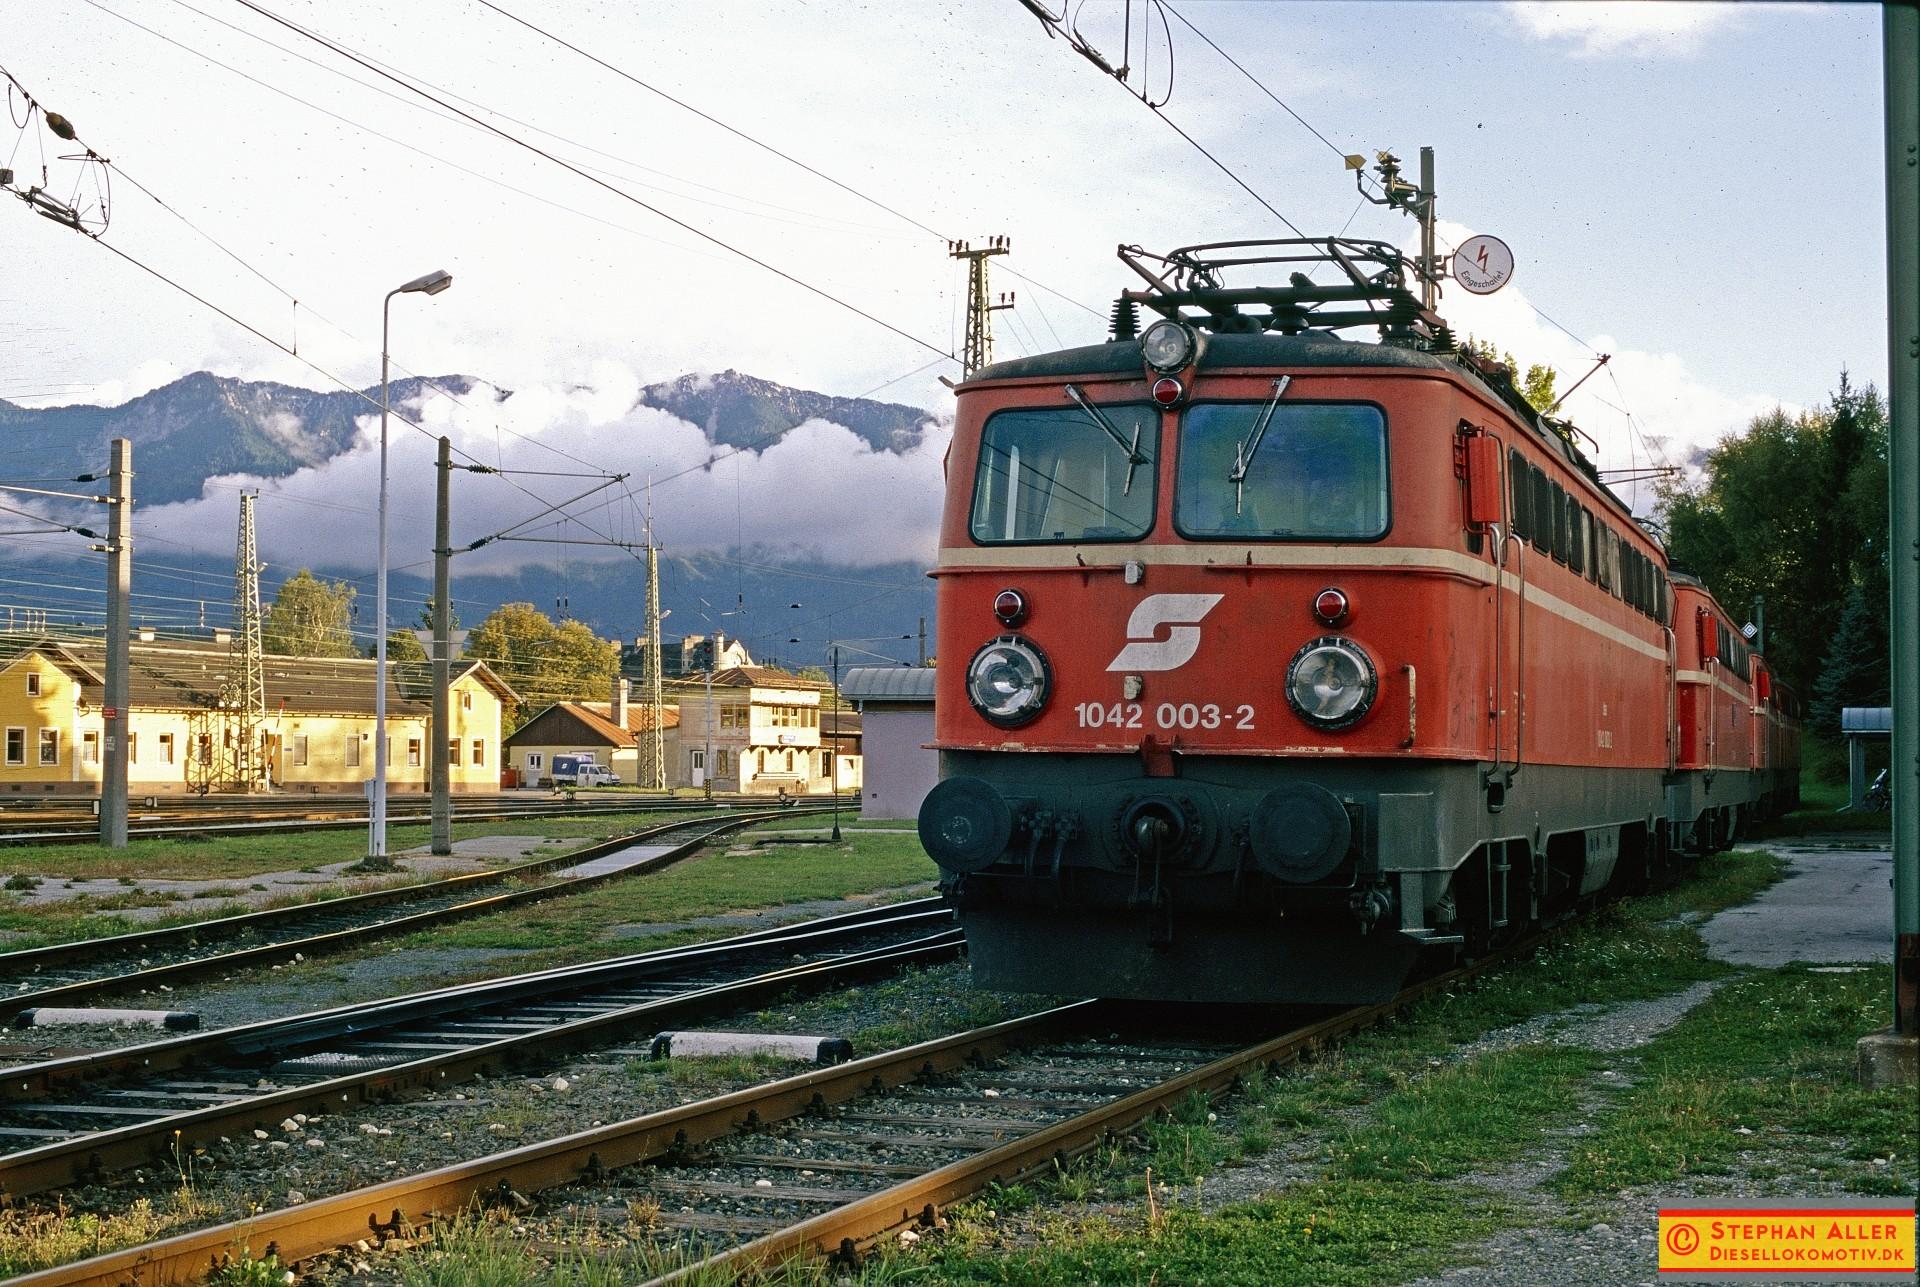 FP3782r